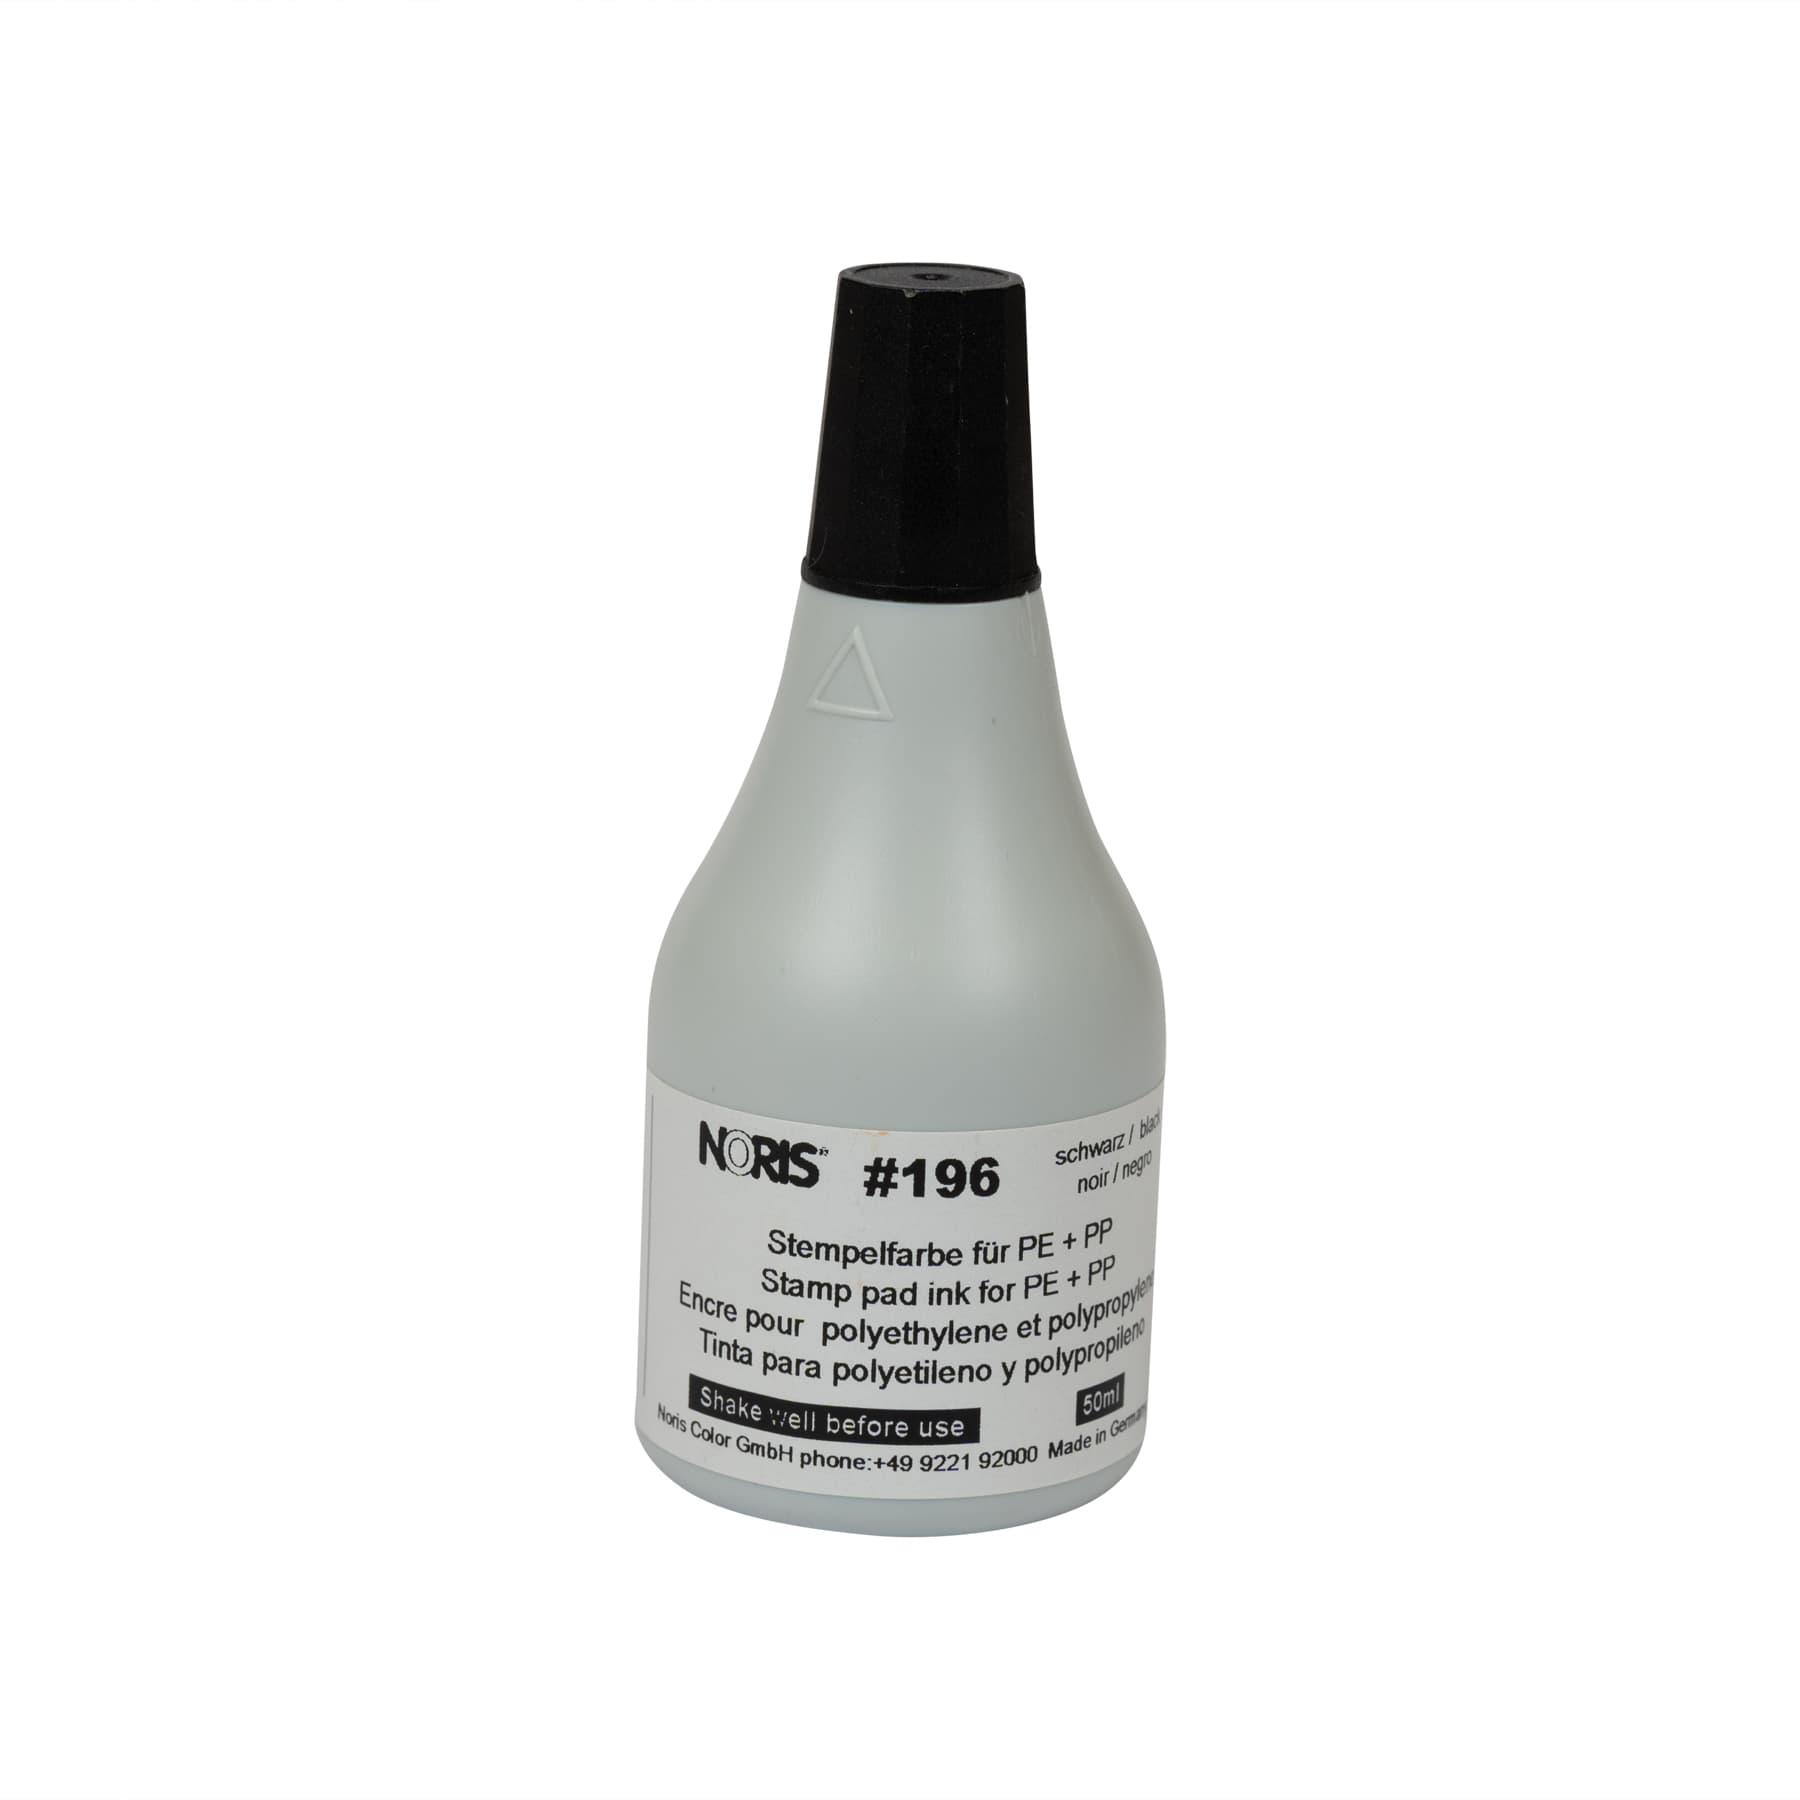 Stempelfarbe 196 schwarz  50 ml sehr schnell trocknend (20 Sekun